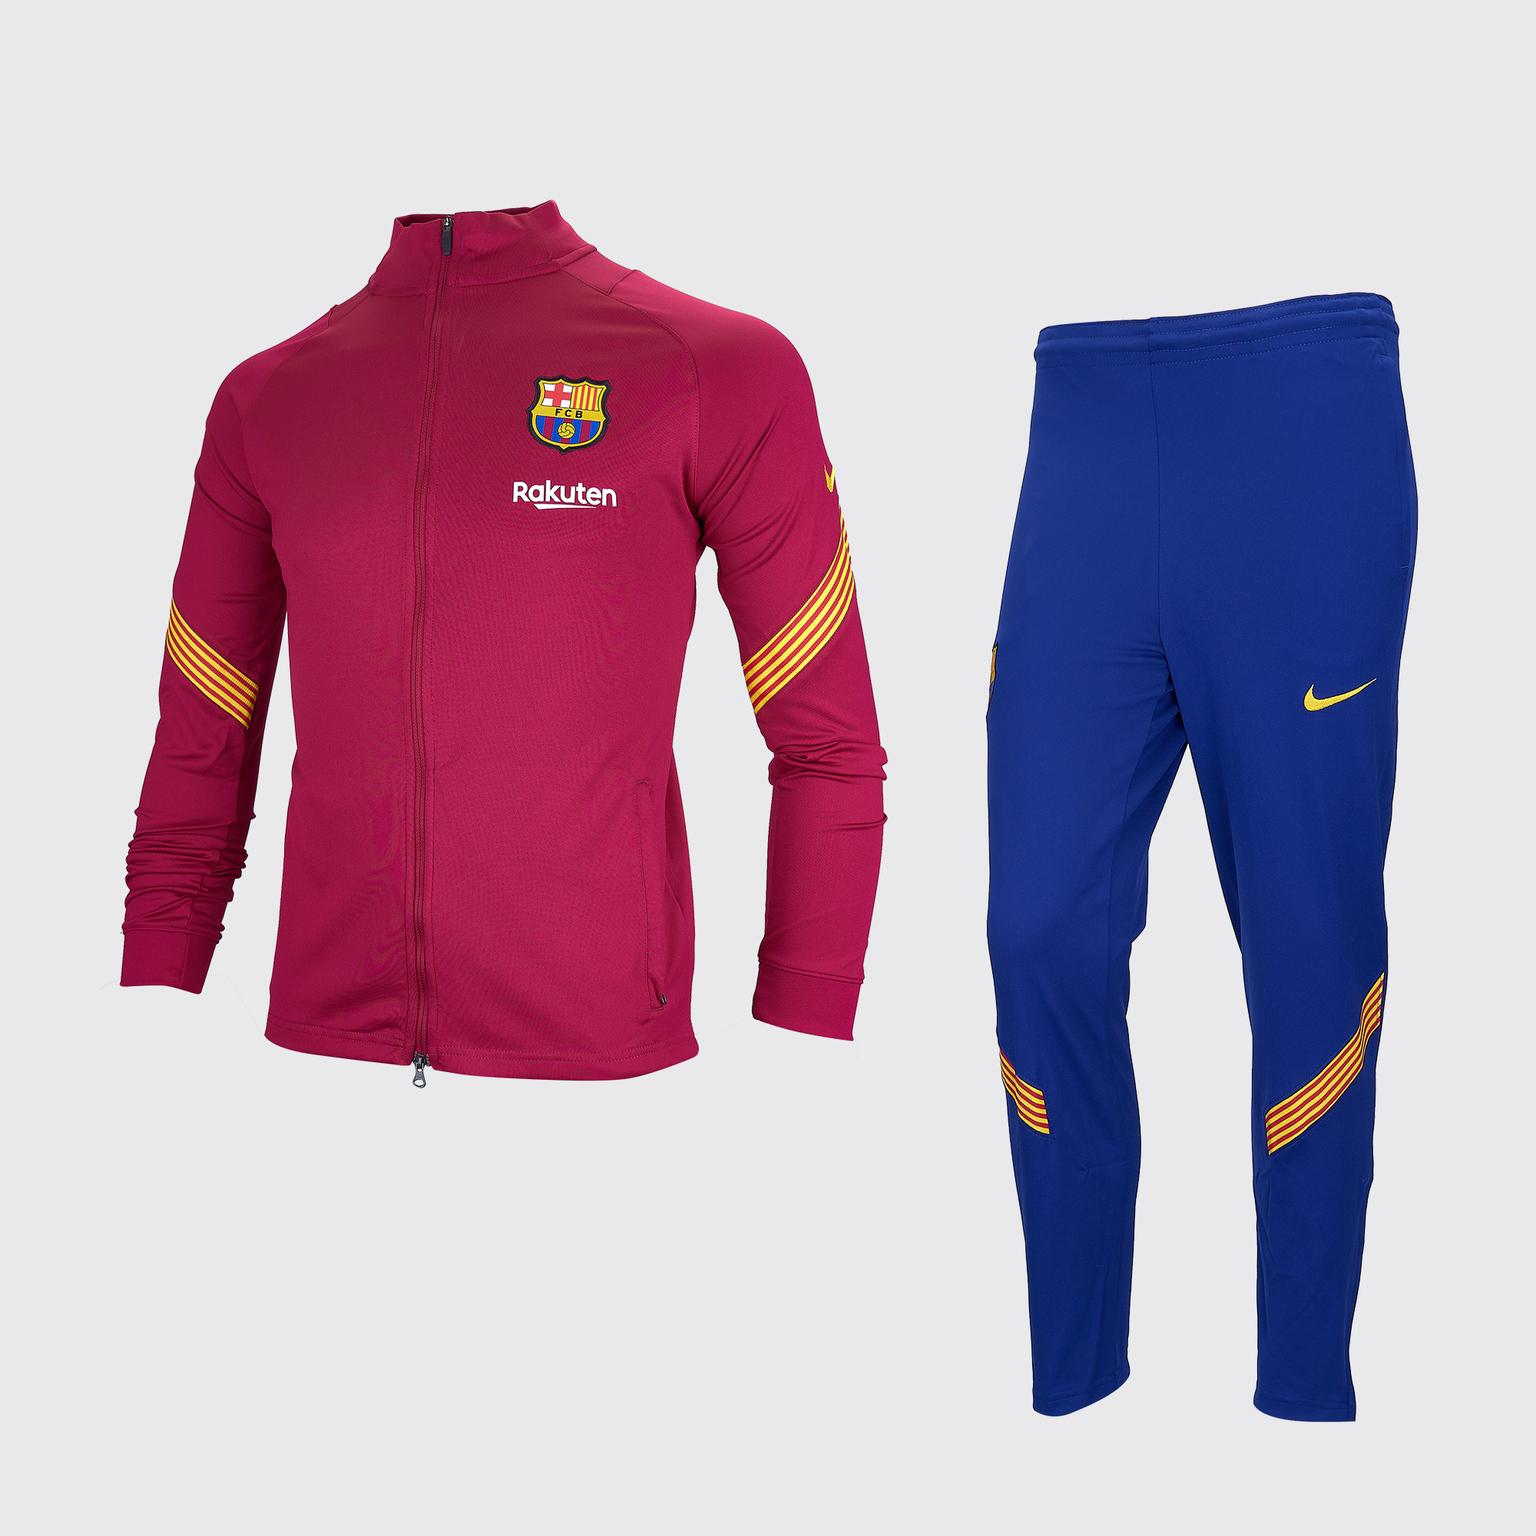 Спортивный подростковый костюм Nike Barcelona сезон 2020/21 костюм спортивный nike spe fleece suit bv3017 058